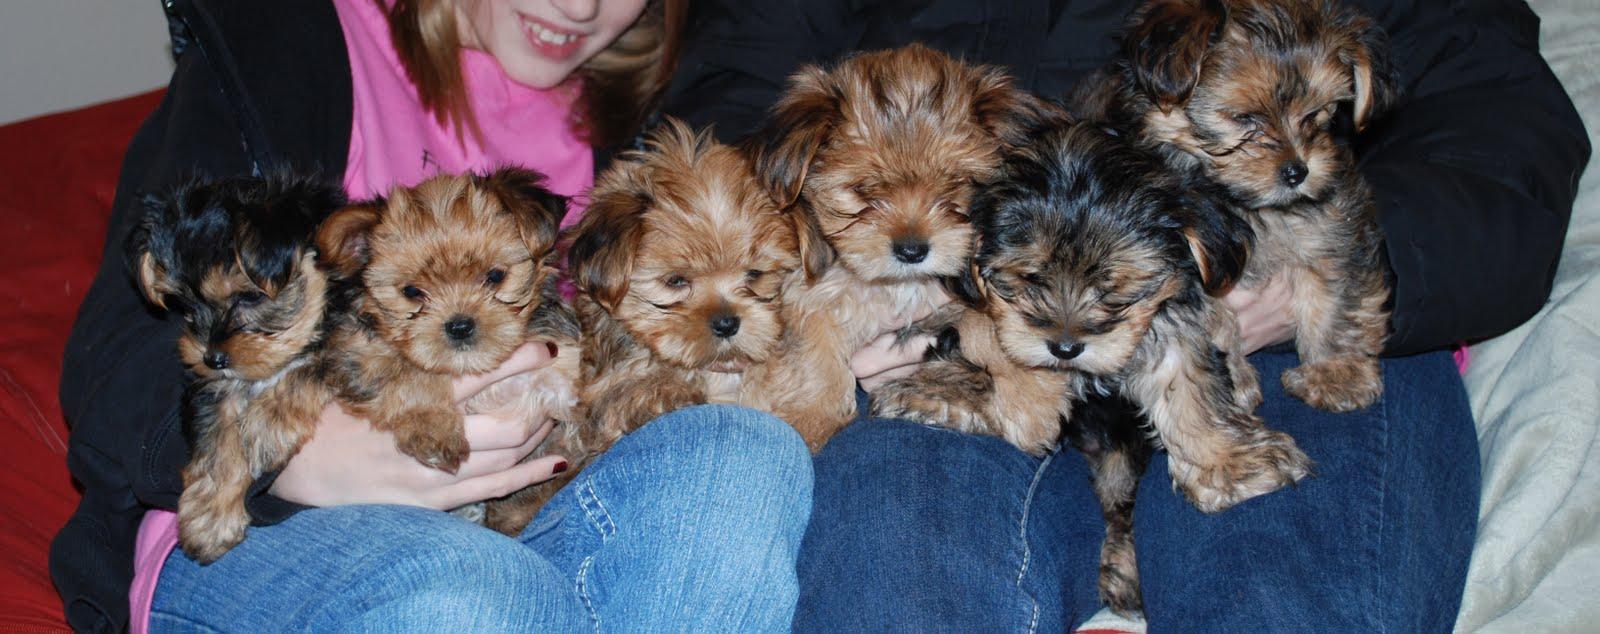 1 Week Old Shorkie Puppies wallpapers